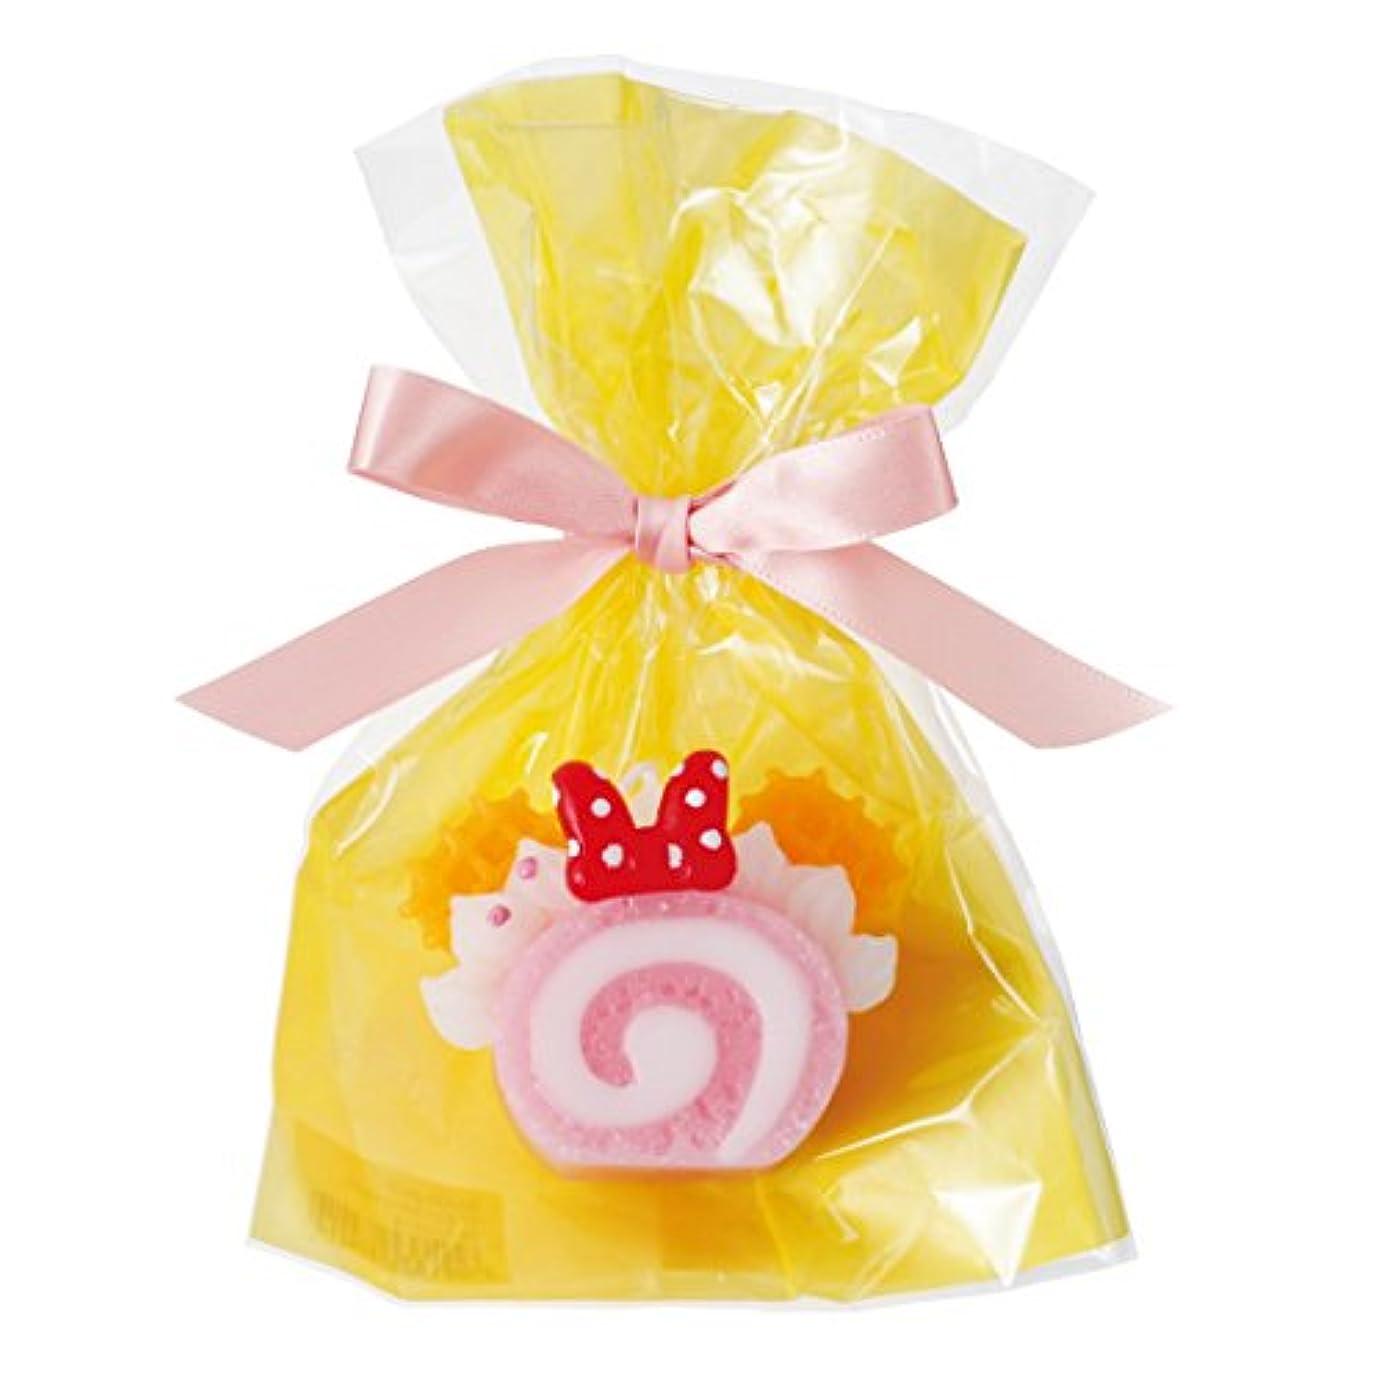 注入する観客運ぶディズニースイーツキャンドル 「 ピンクロールケーキ 」